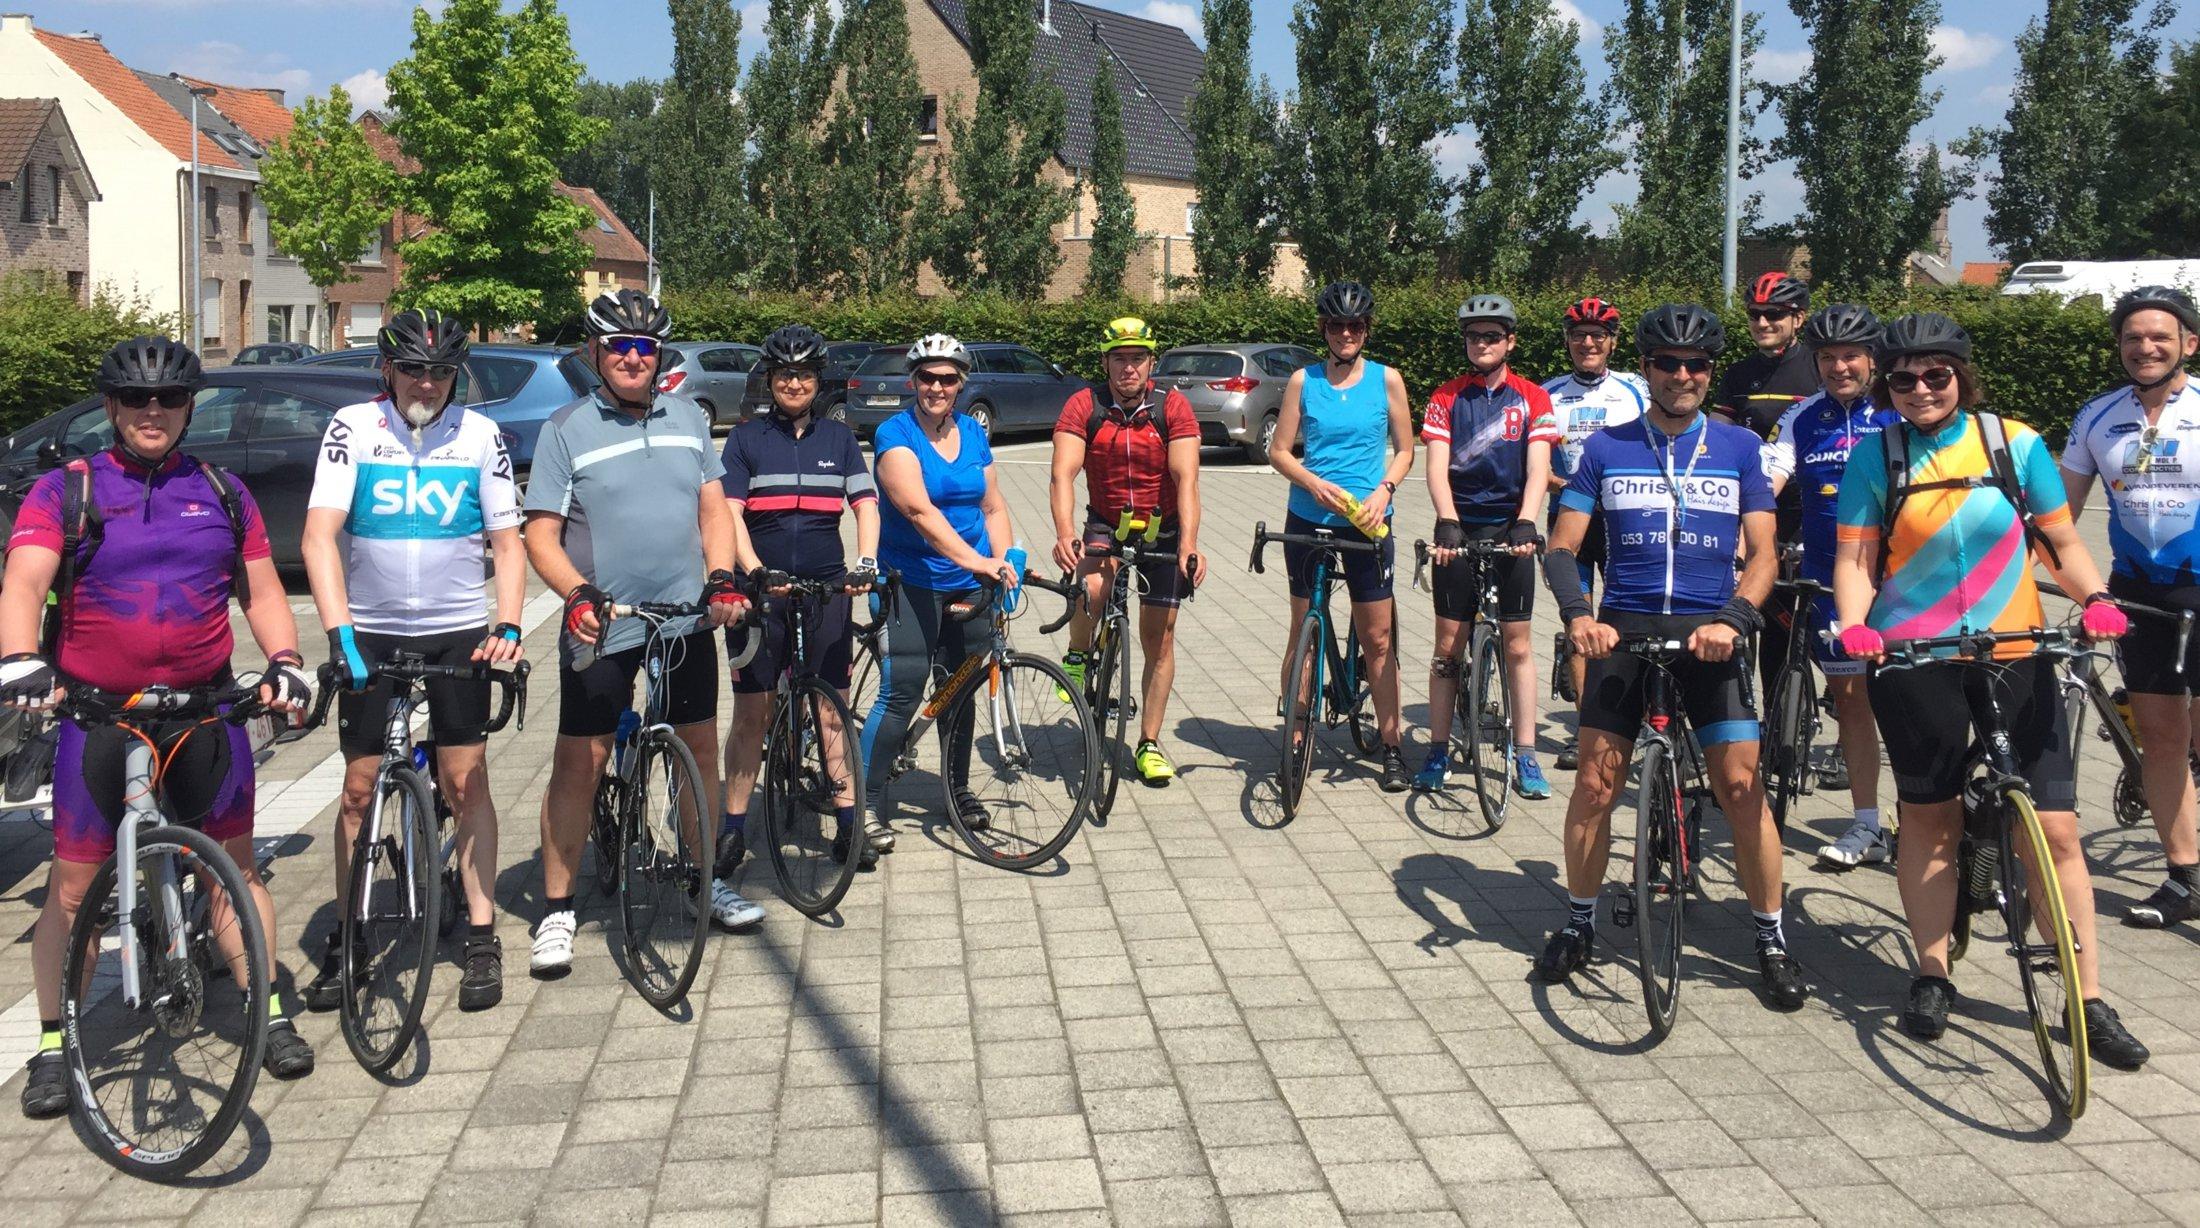 vertrekkersklaar voor een ritje van start to cycle